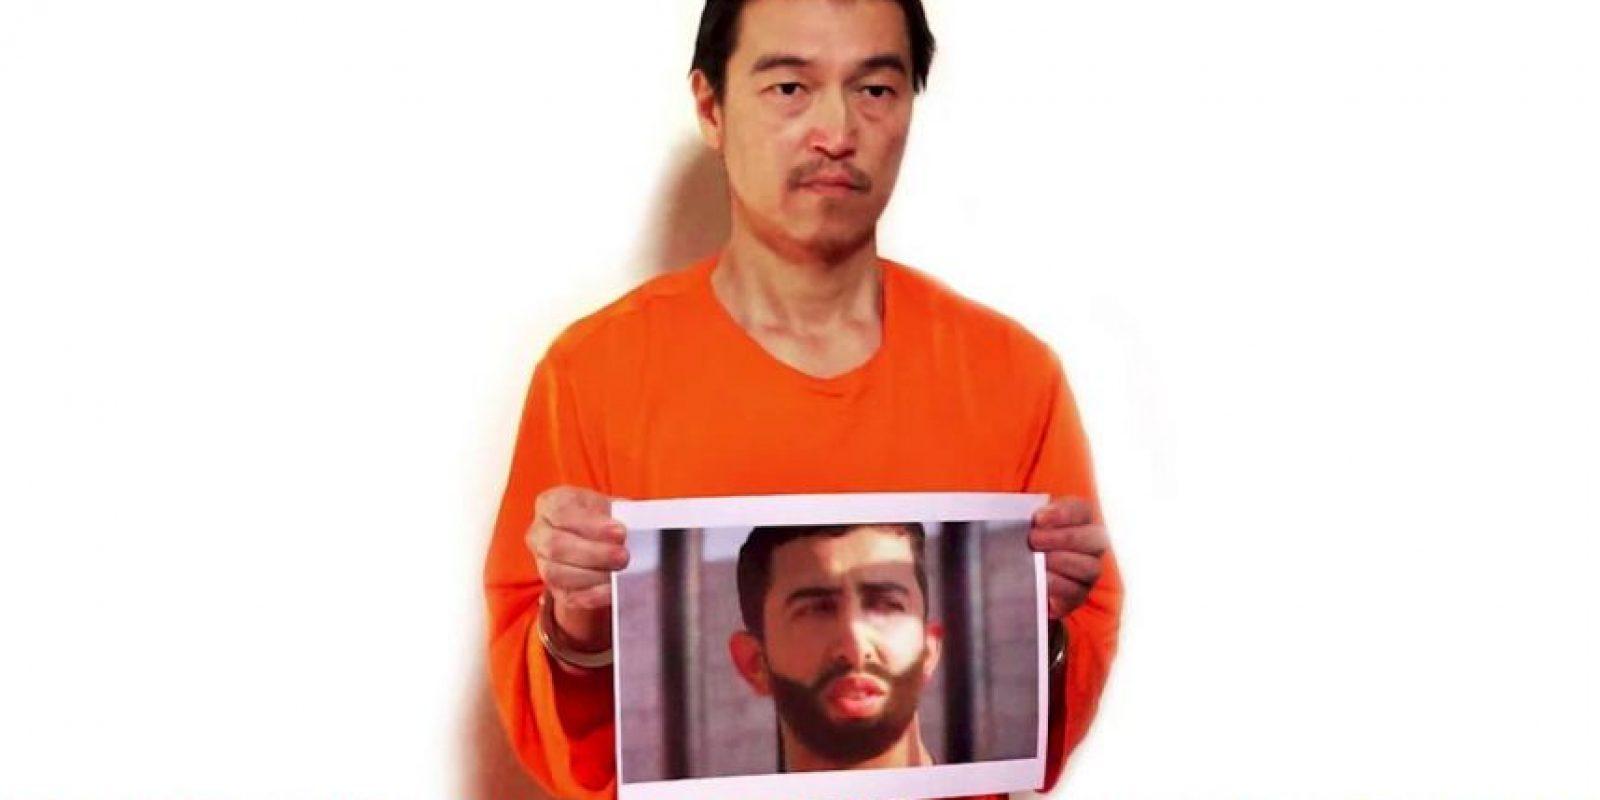 Kenji Goto, periodista japonés. Fue asesinado el sábado, 31 de enero luego de que fracasaran las negociaciones del EI y Jordania por intencambiarlo a él y al piloto jordano Moaz al-Kassasbeh por la prisionera Sajida al-Rishawi. Foto:AFP